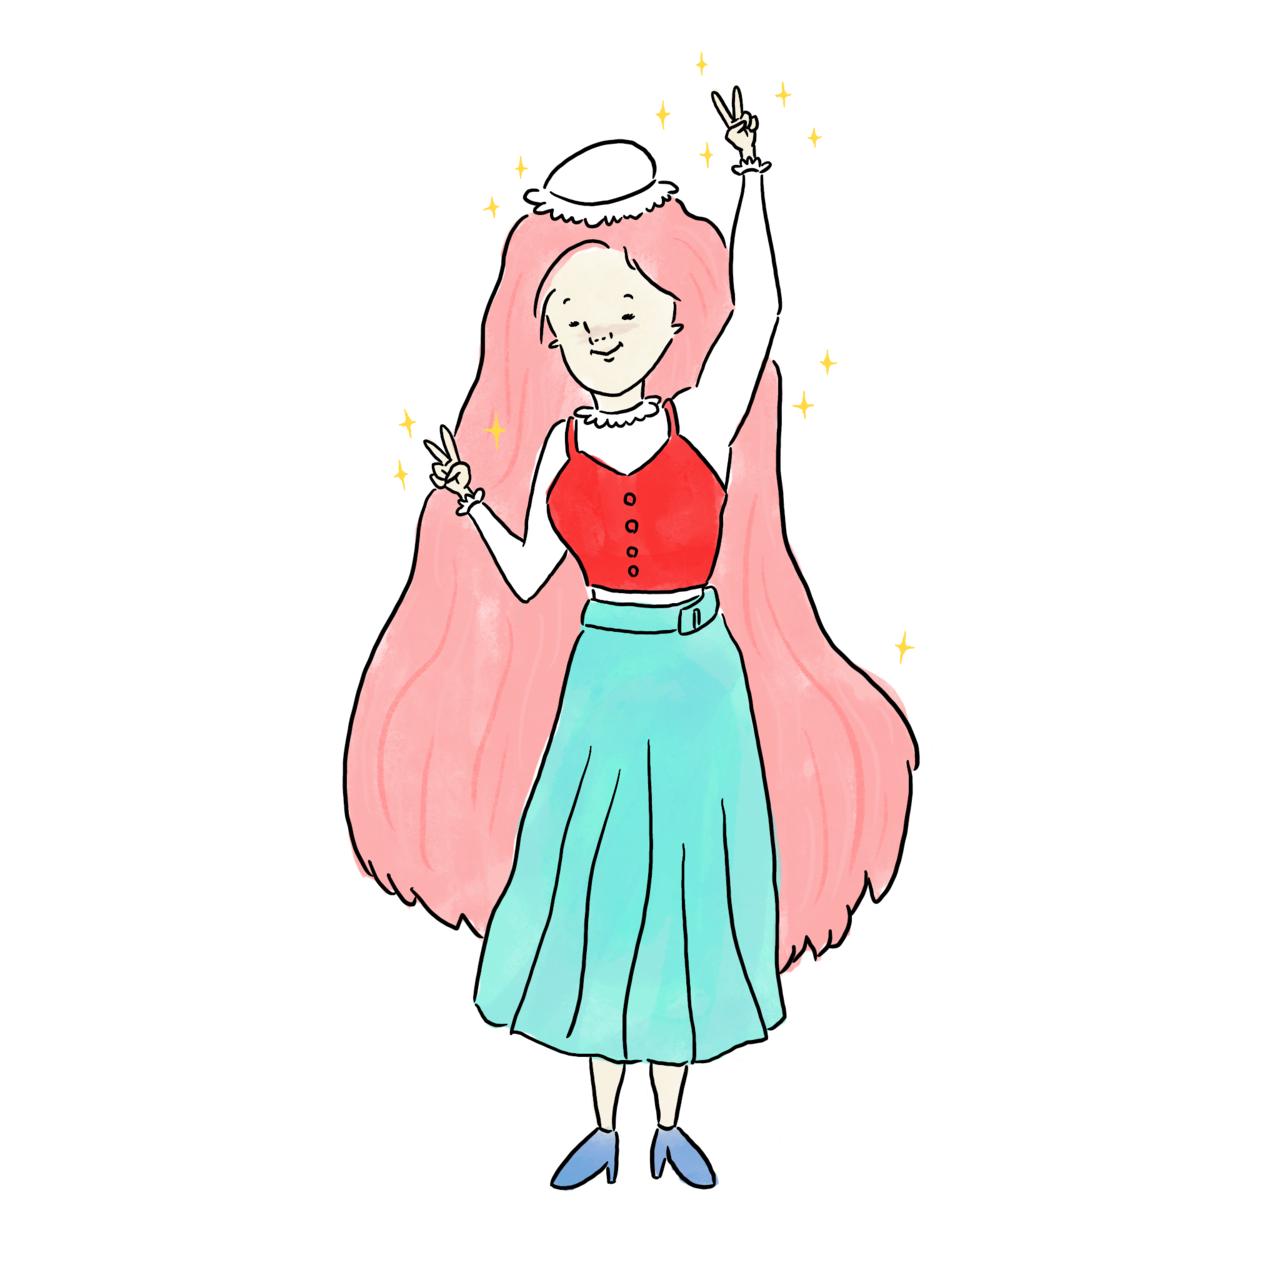 【9月15日~10月14日の運勢】蟹座のヴィーナス